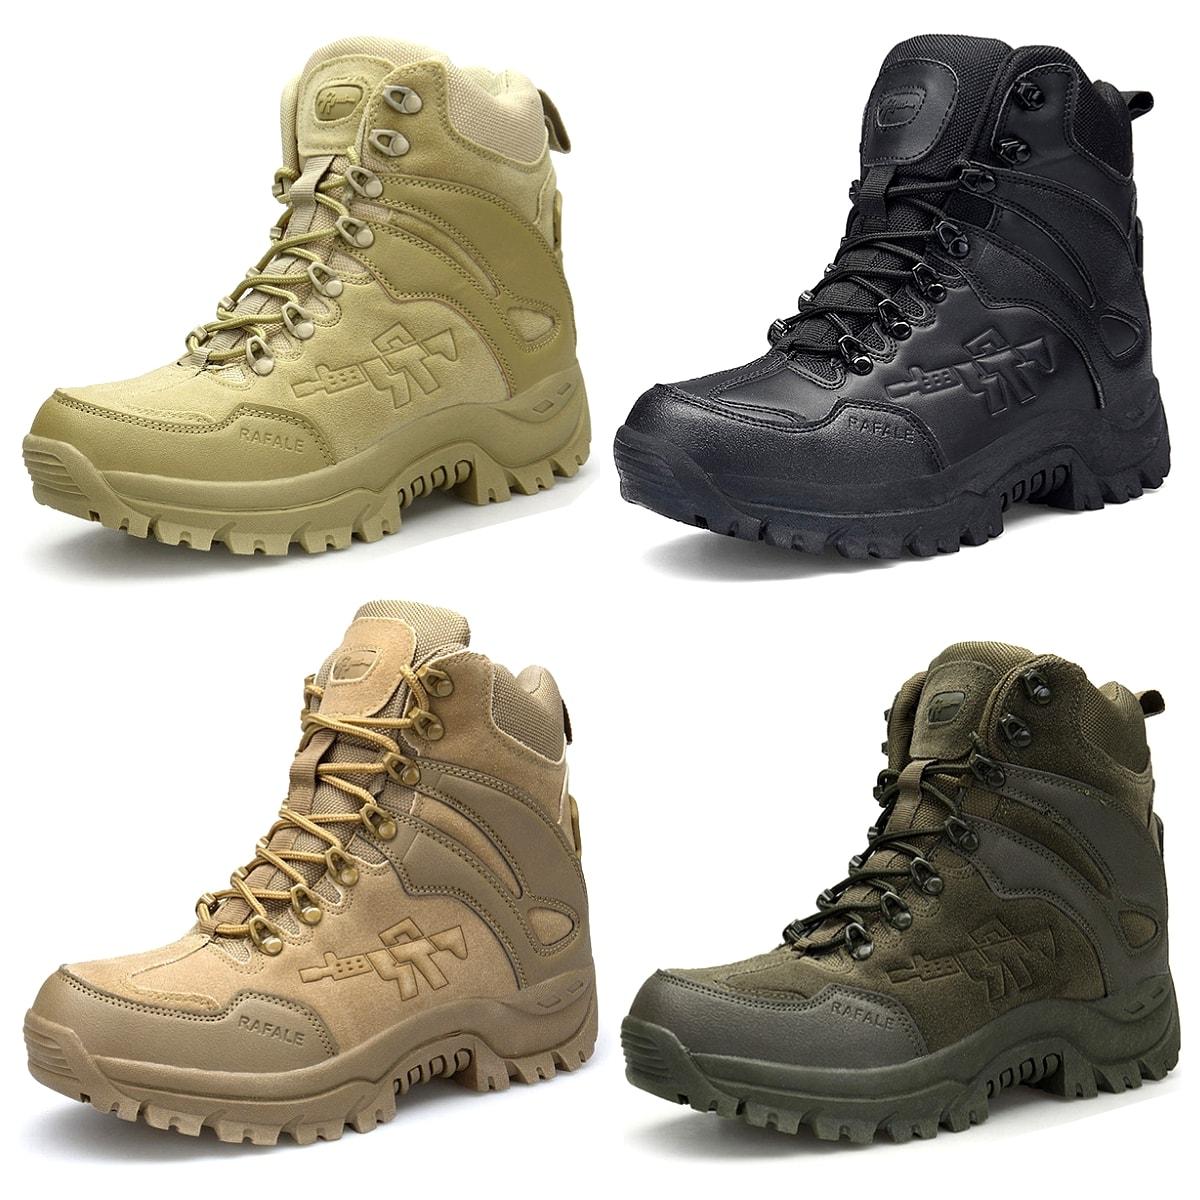 【送料無料!】全4色! [Men's Desert Military Tactical Boots] メンズ デザートミリタリー タクティカルブーツ! 靴 シューズ スニーカー マウンテンブーツ アーミー コンバット ミドルブーツ レースアップ ジッパー開閉 牛革スエード アウトドア バイクに!